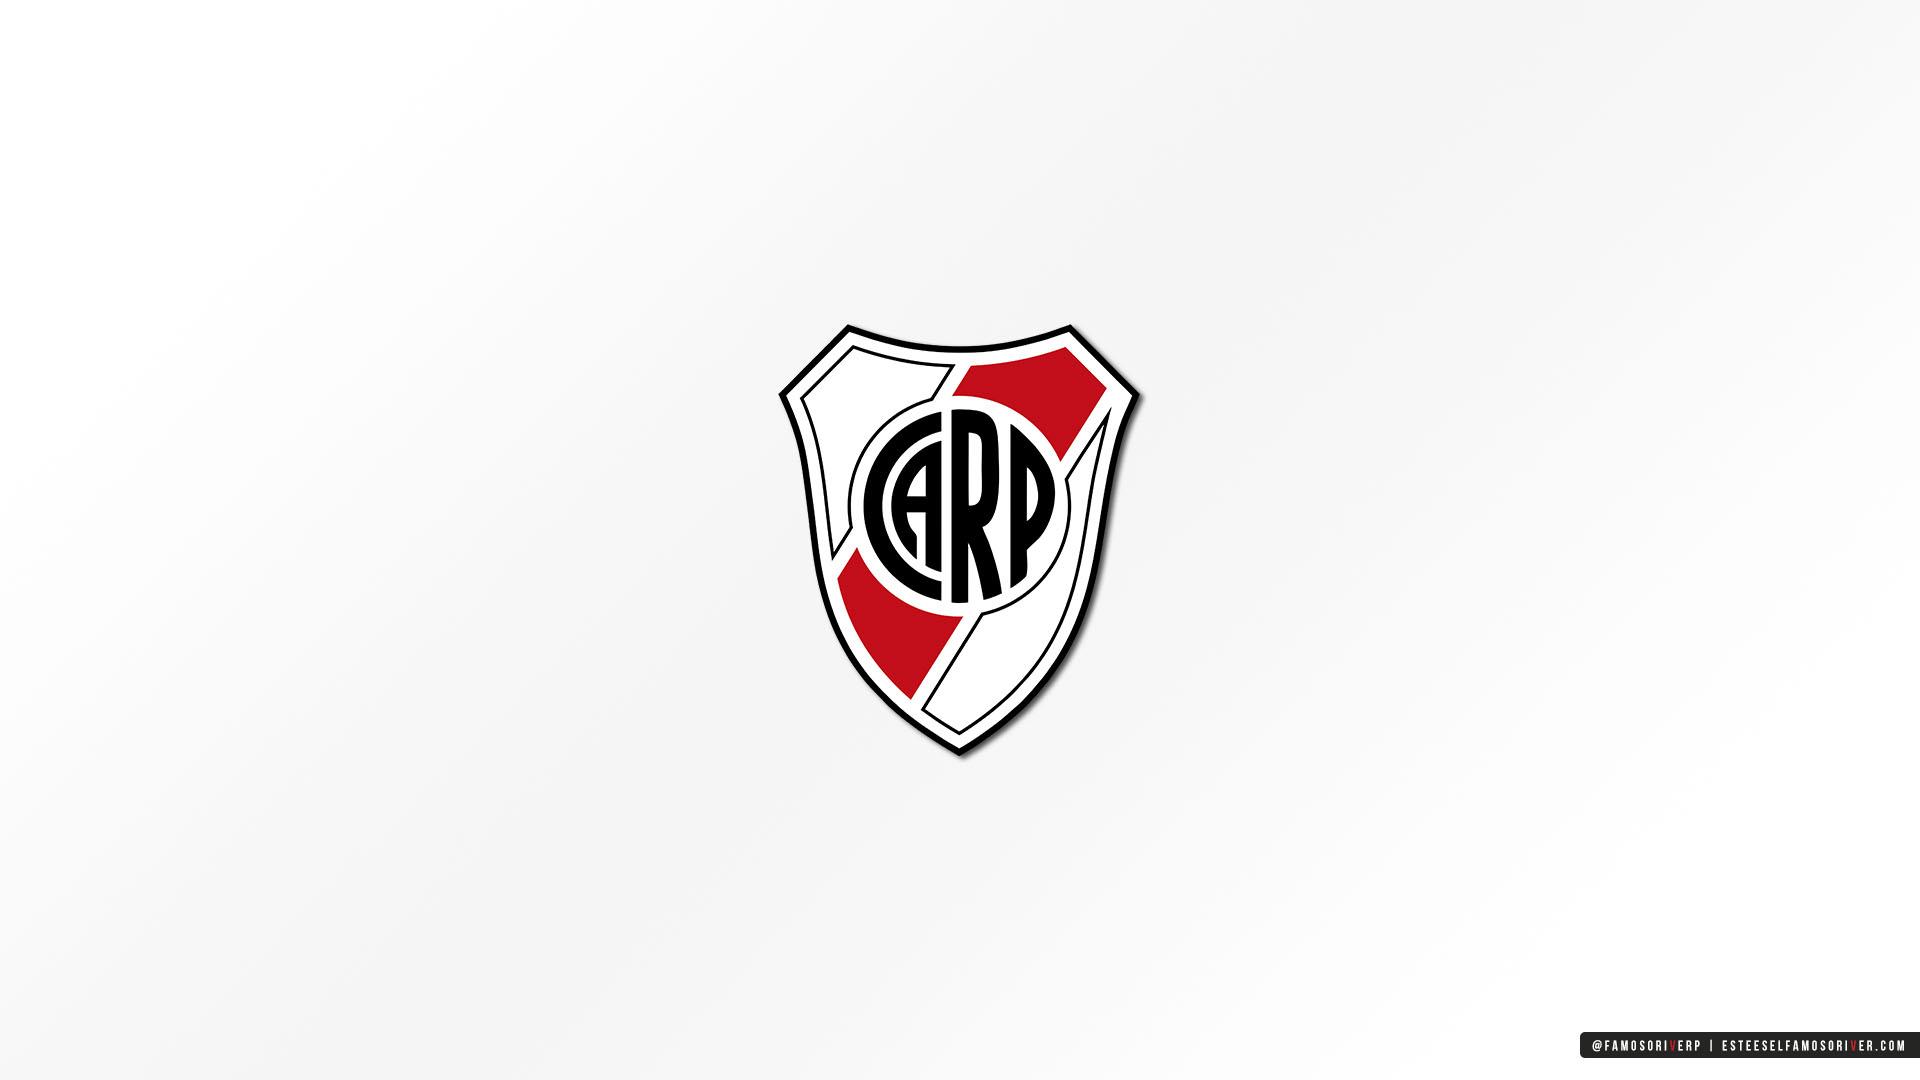 imagenes-de-river-plate-para-telefono-celular-fondos-de-pantalla-wallpaper-de-River-Escudo River Plate - Fondo blanco